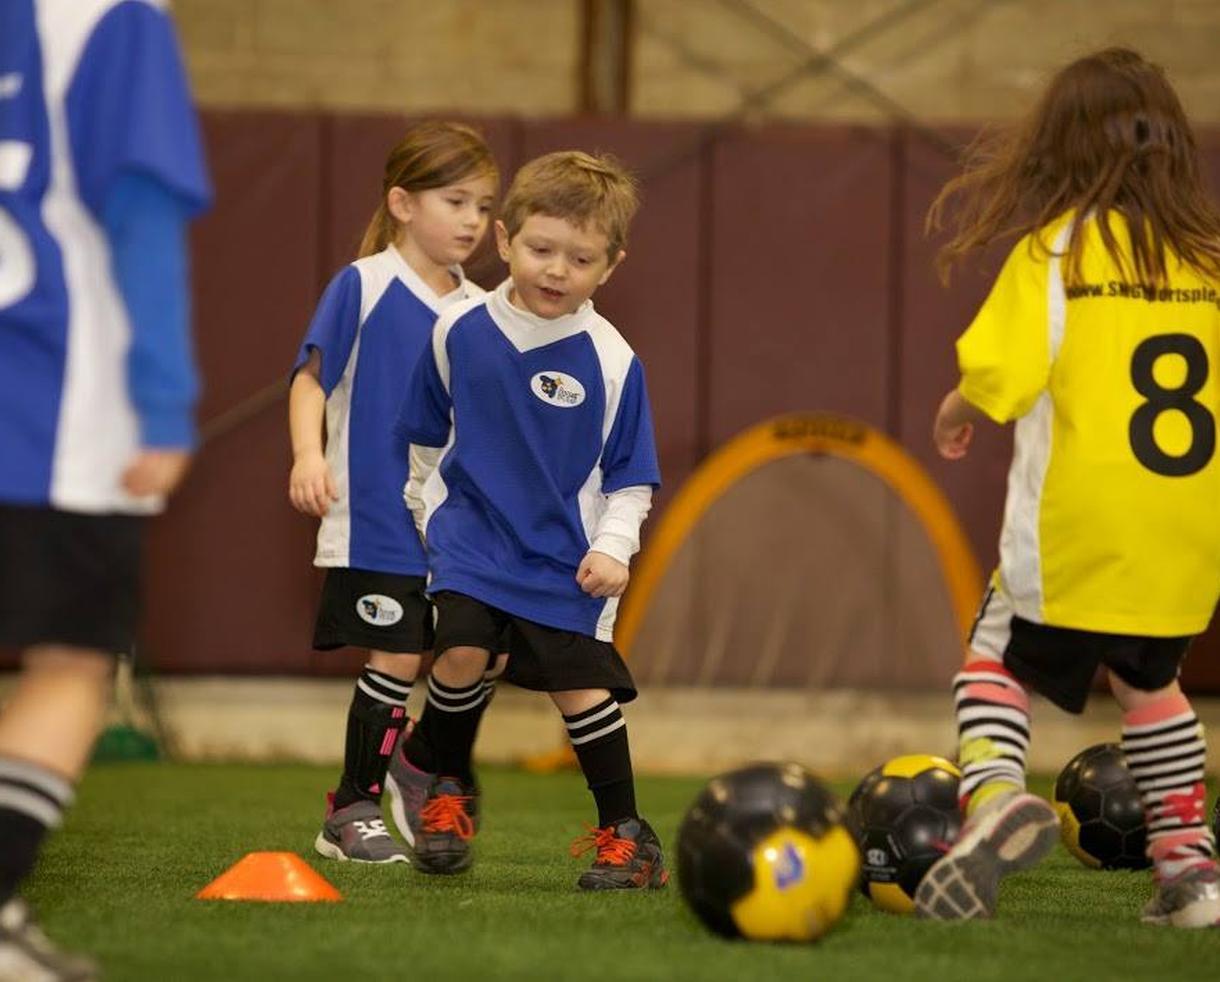 Michael & Son Sportsplex Soccer Bugs Class